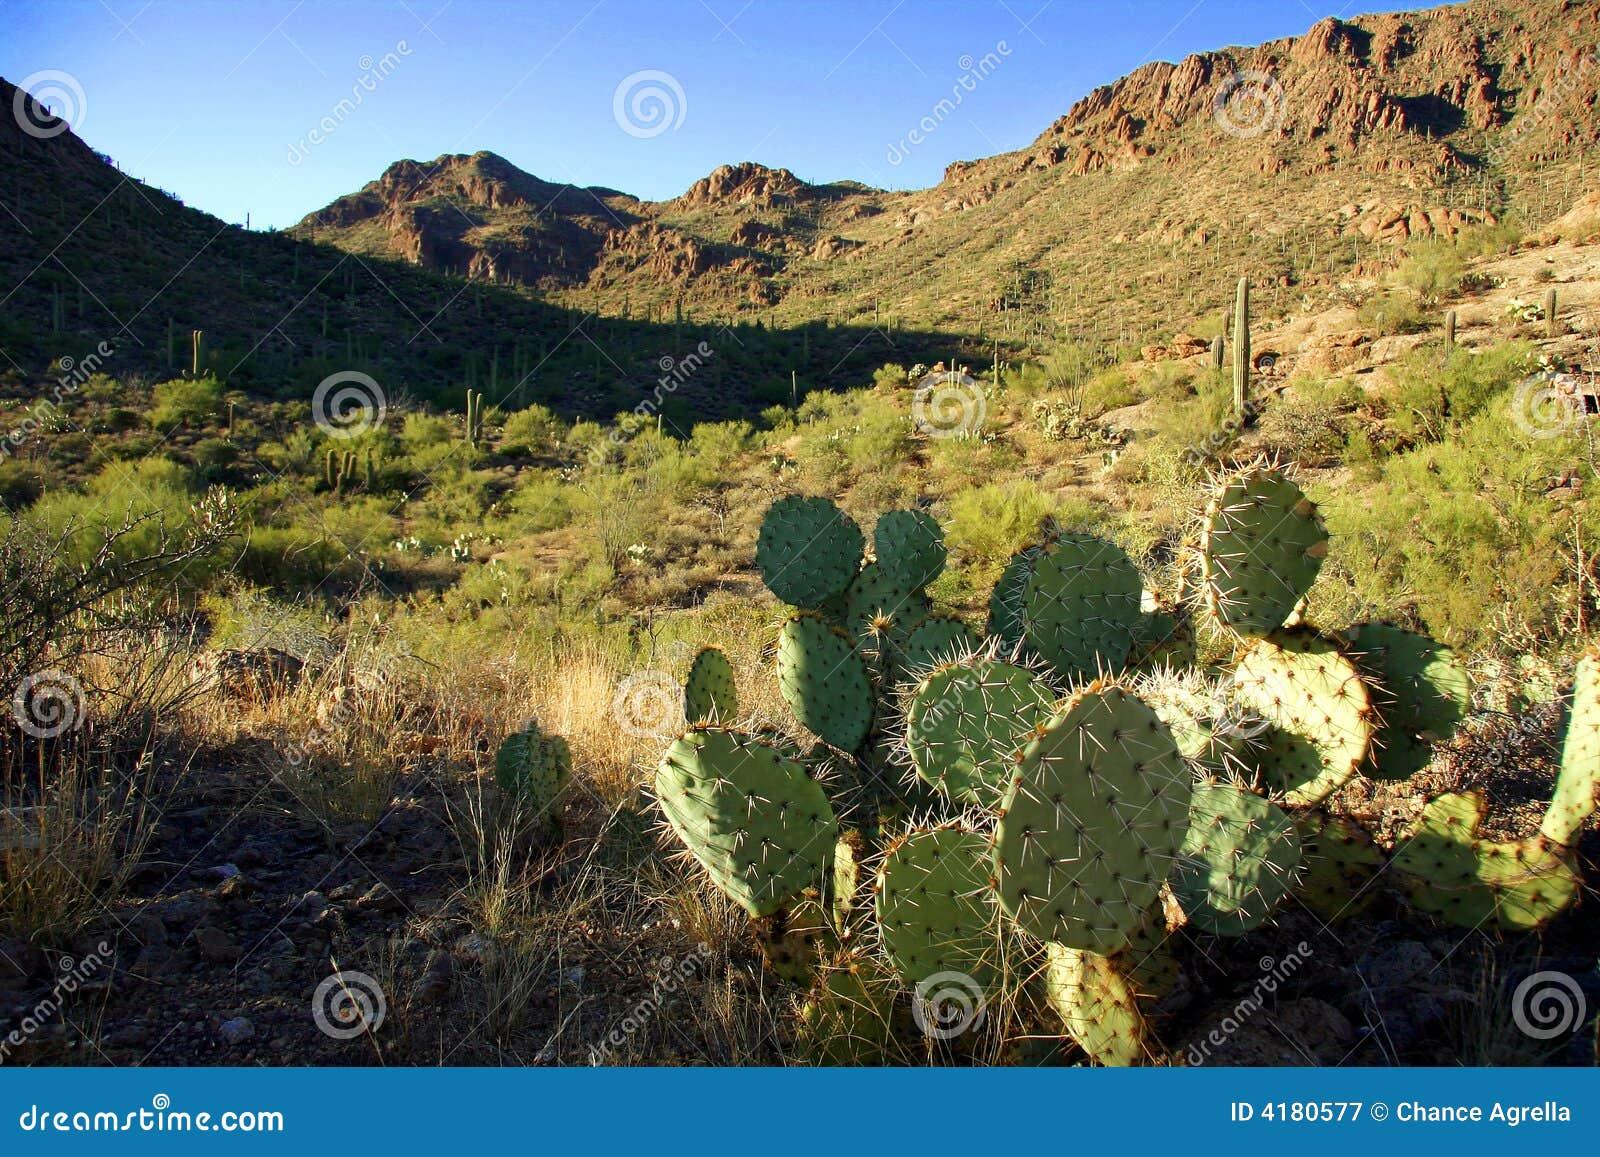 Figuier de de barbarie dans le désert